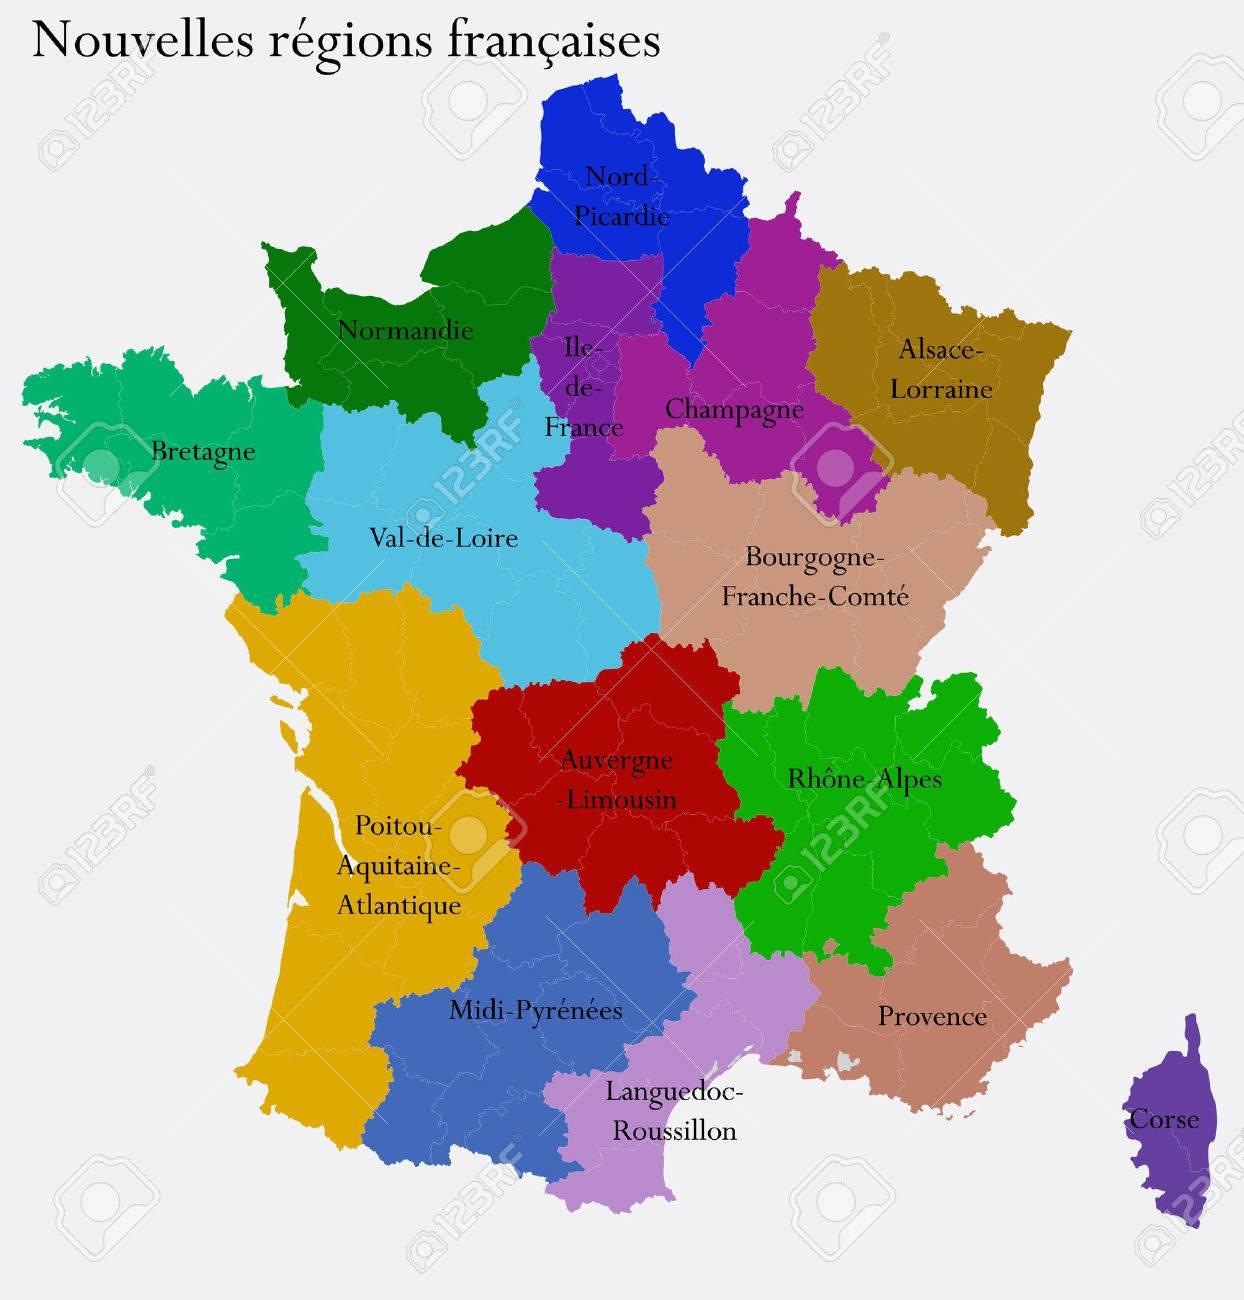 New French Regions Nouvelles Regions De France Separated Departments à Nouvelles Régions En France